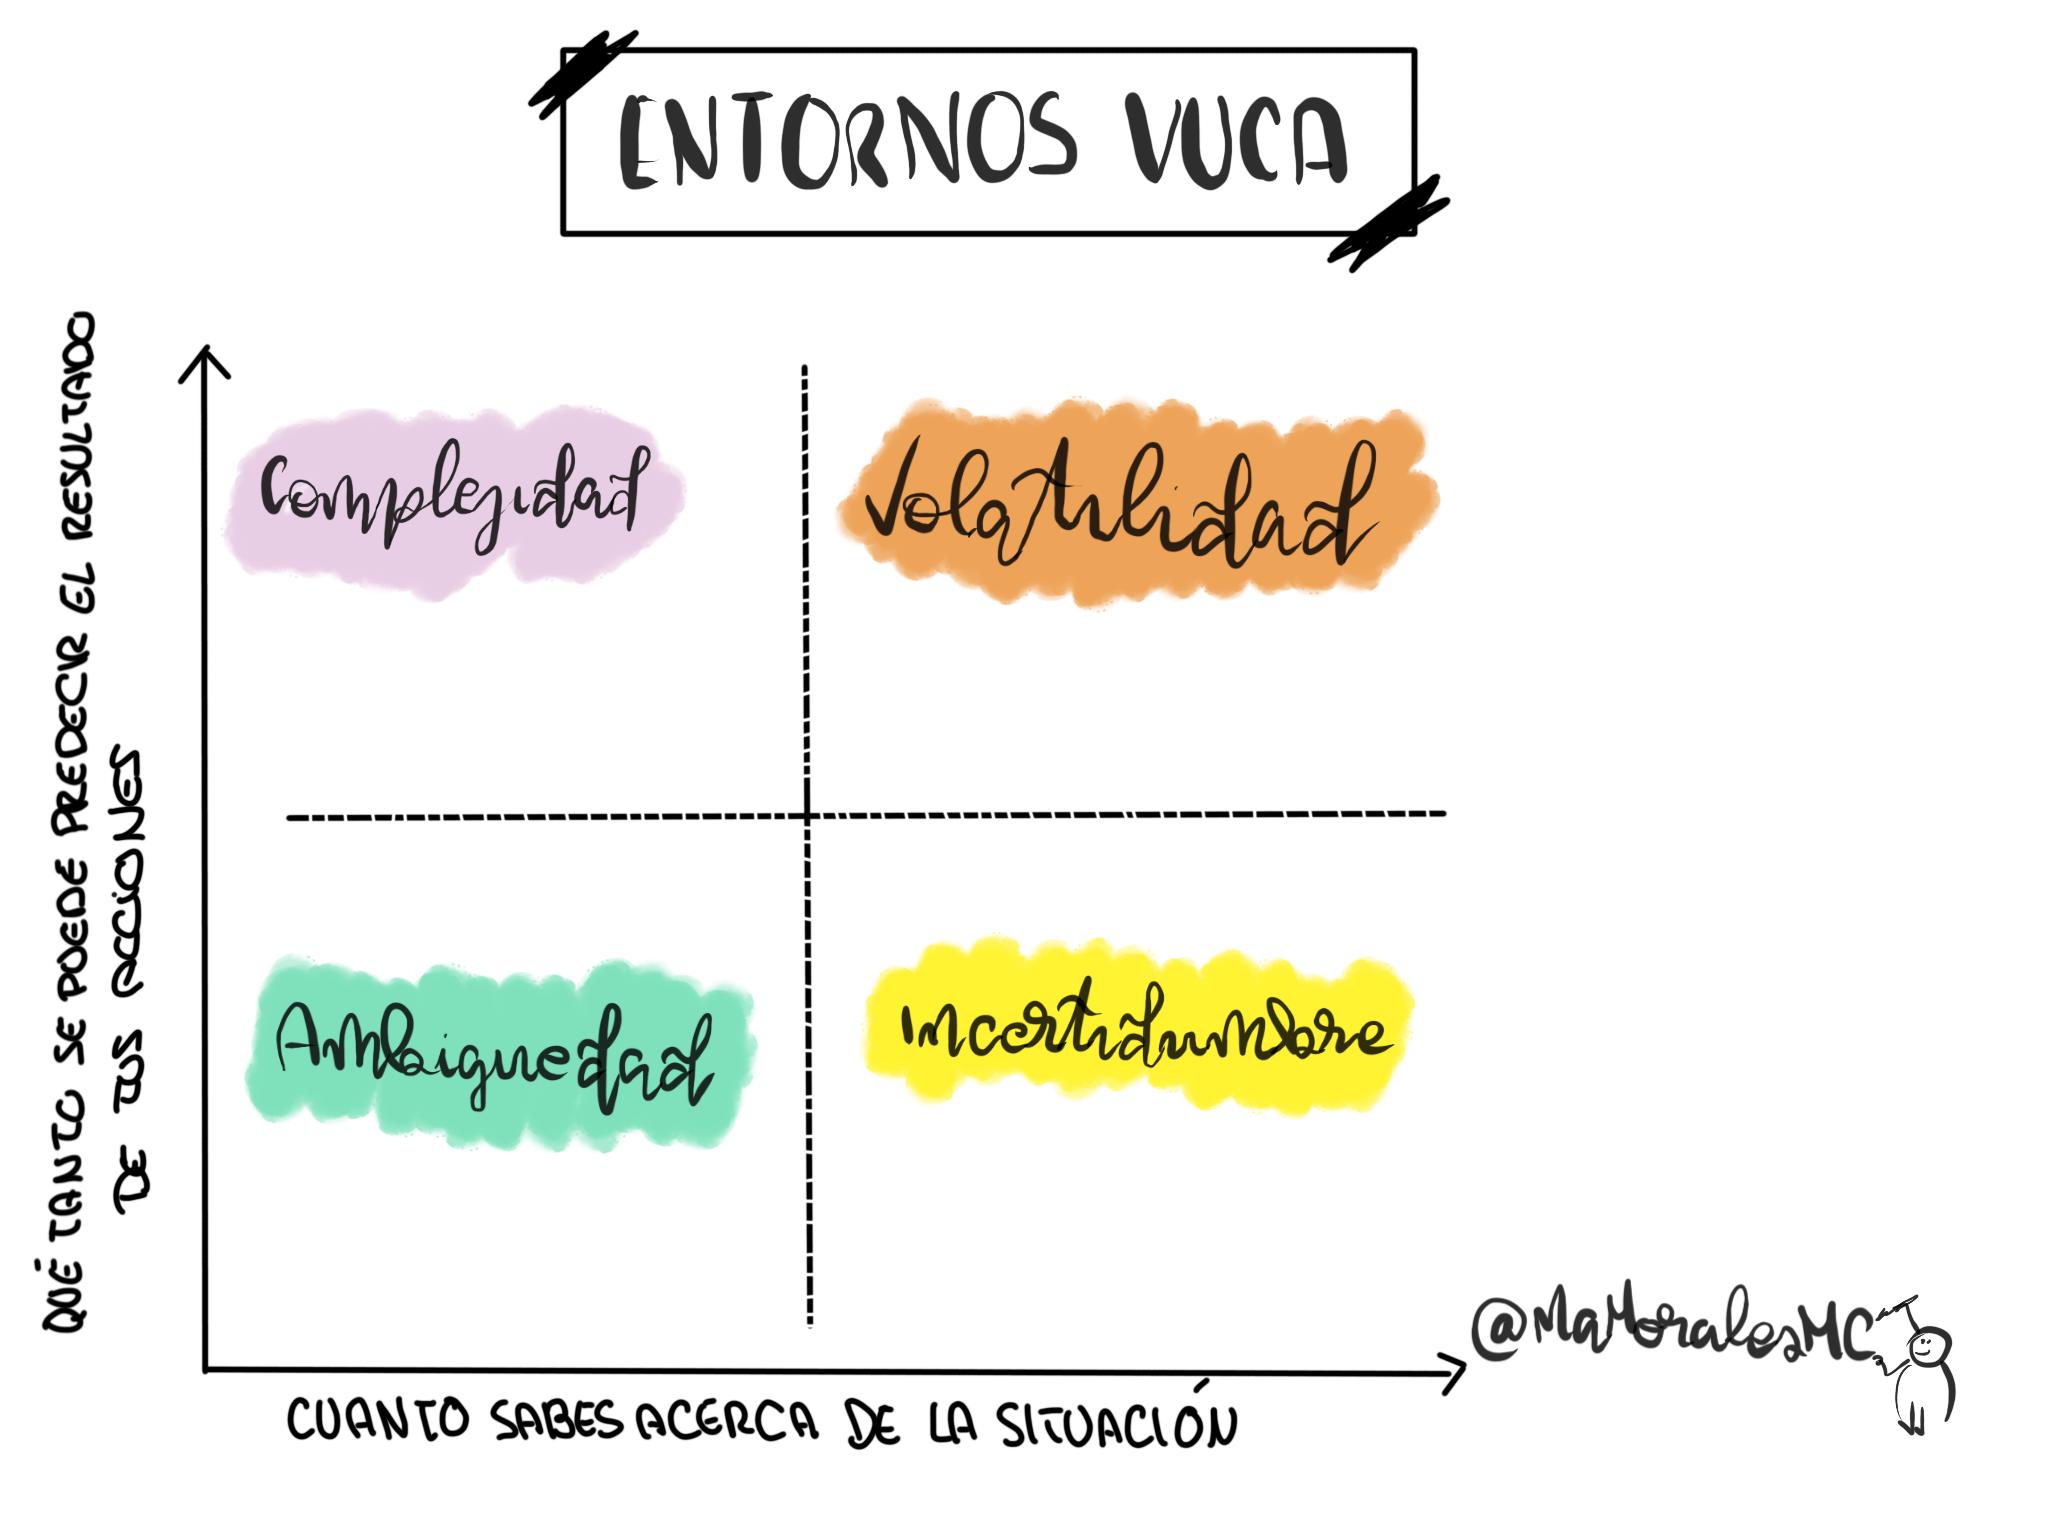 Entornos VUCA